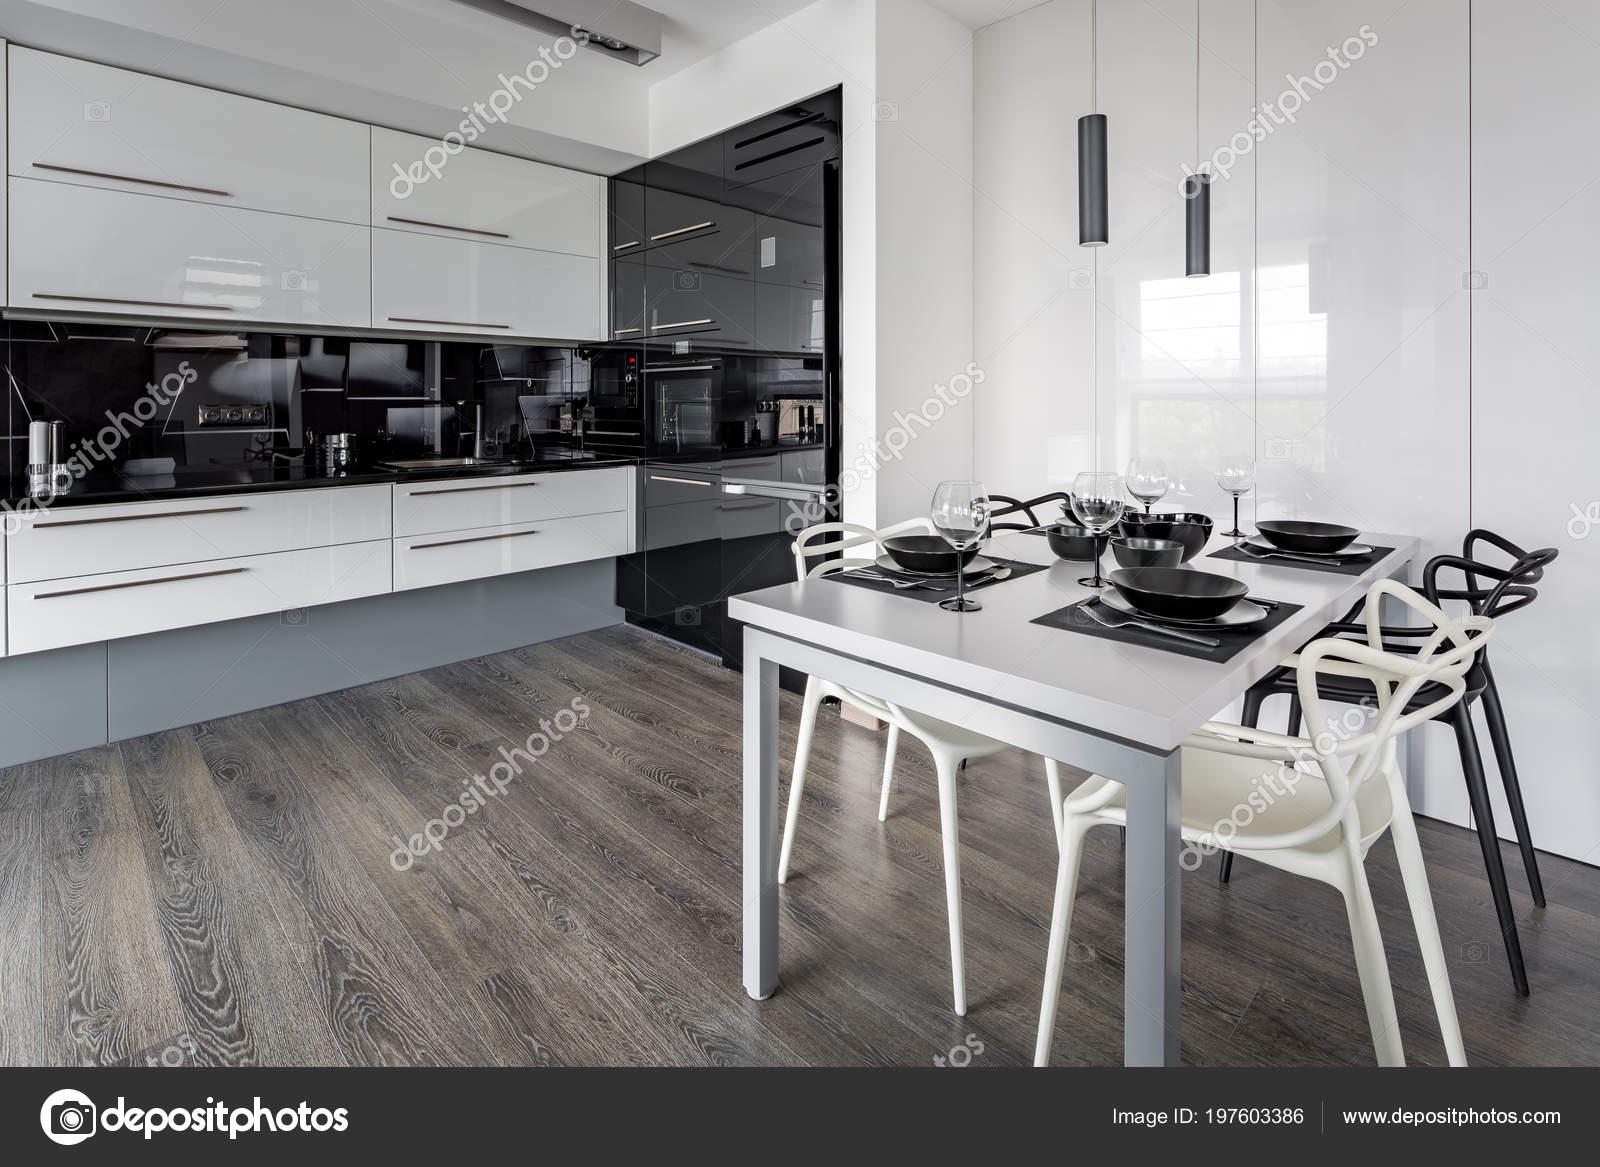 Tavolo Bianco E Nero Cucina.Cucina Con Tavolo Bianco Rivestimento Nero Nuovo Design